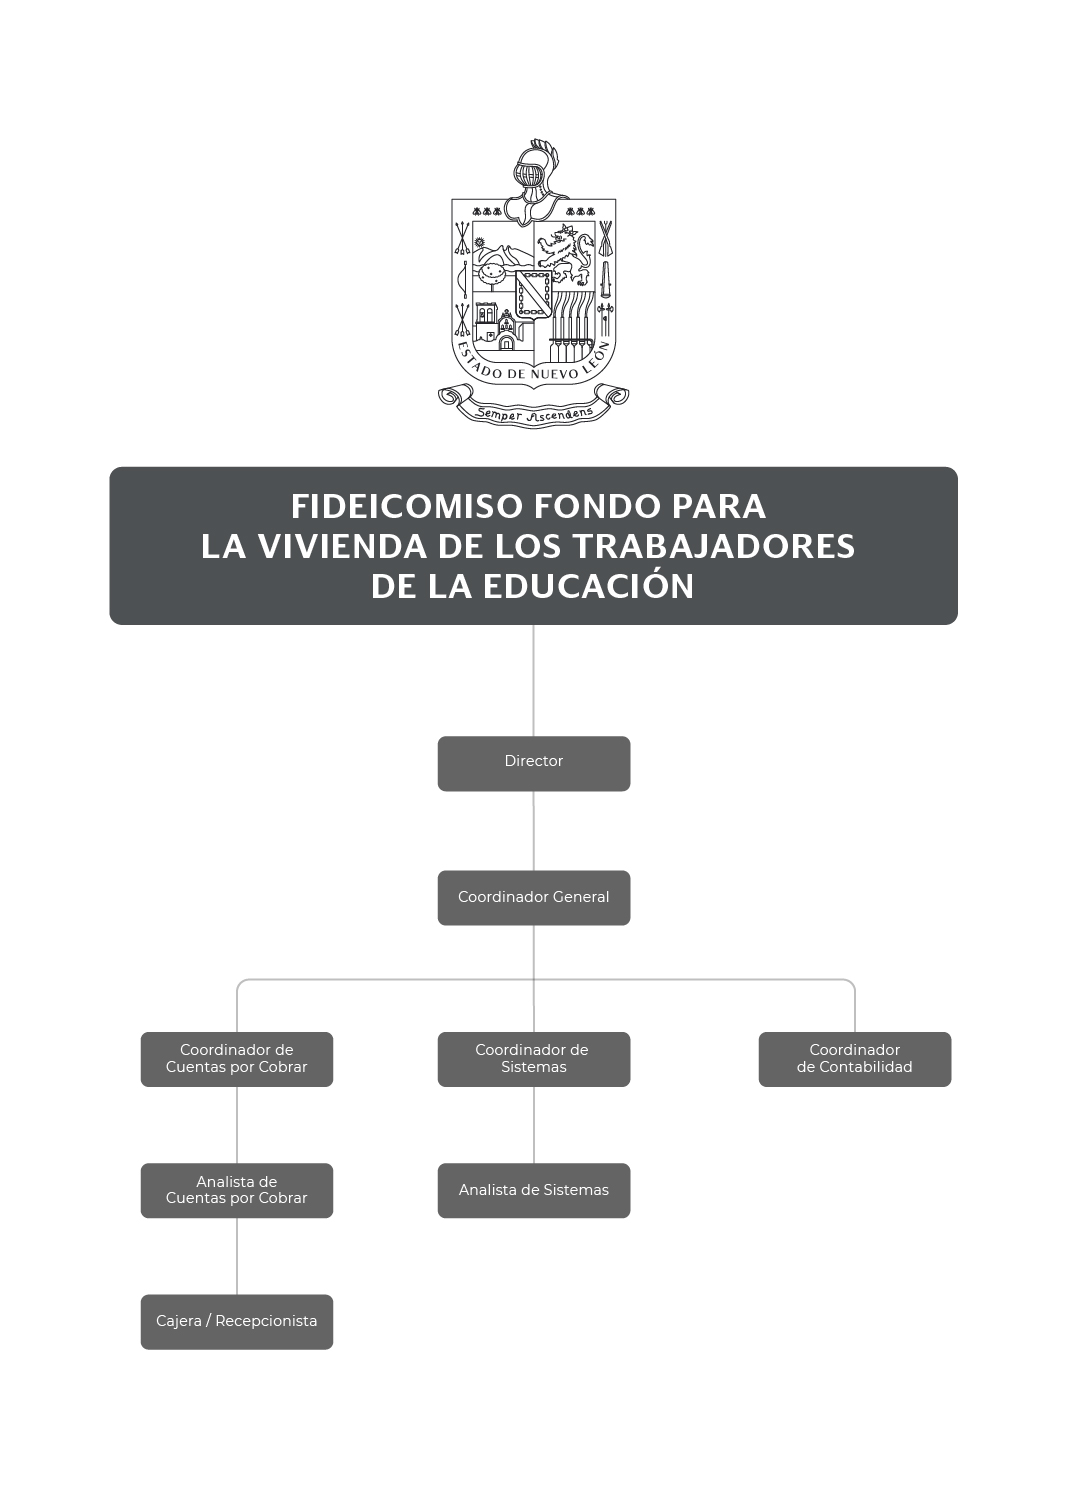 Organigrama del Fideicomiso Fondo para la Vivienda de los Trabajadores de la Educación